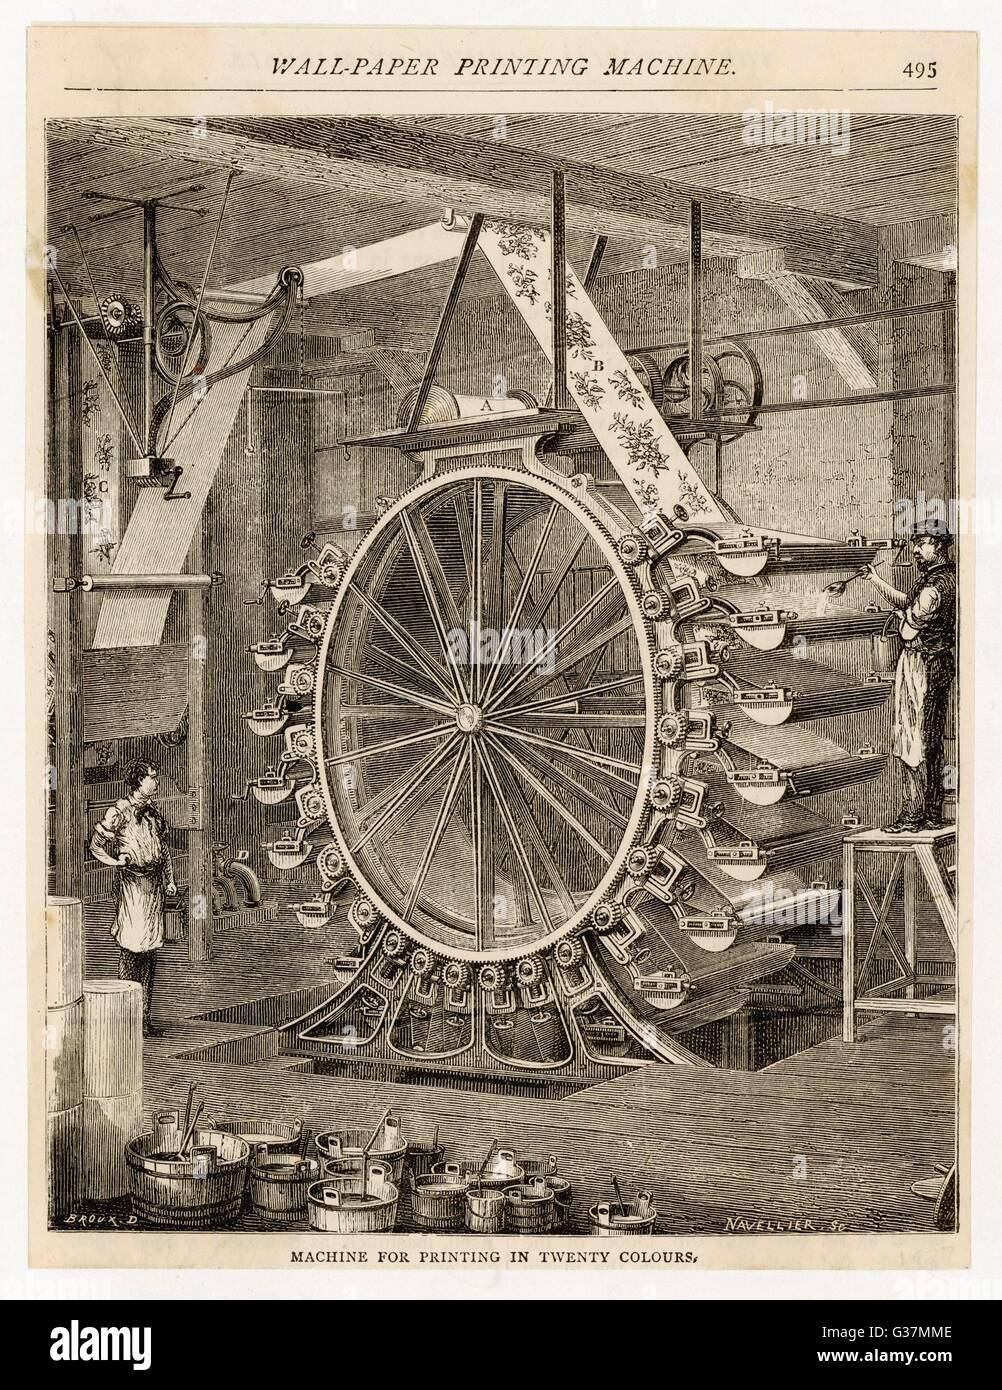 Fabbricazione di carta da parati : stampa a colori. Data: 1877 Immagini Stock